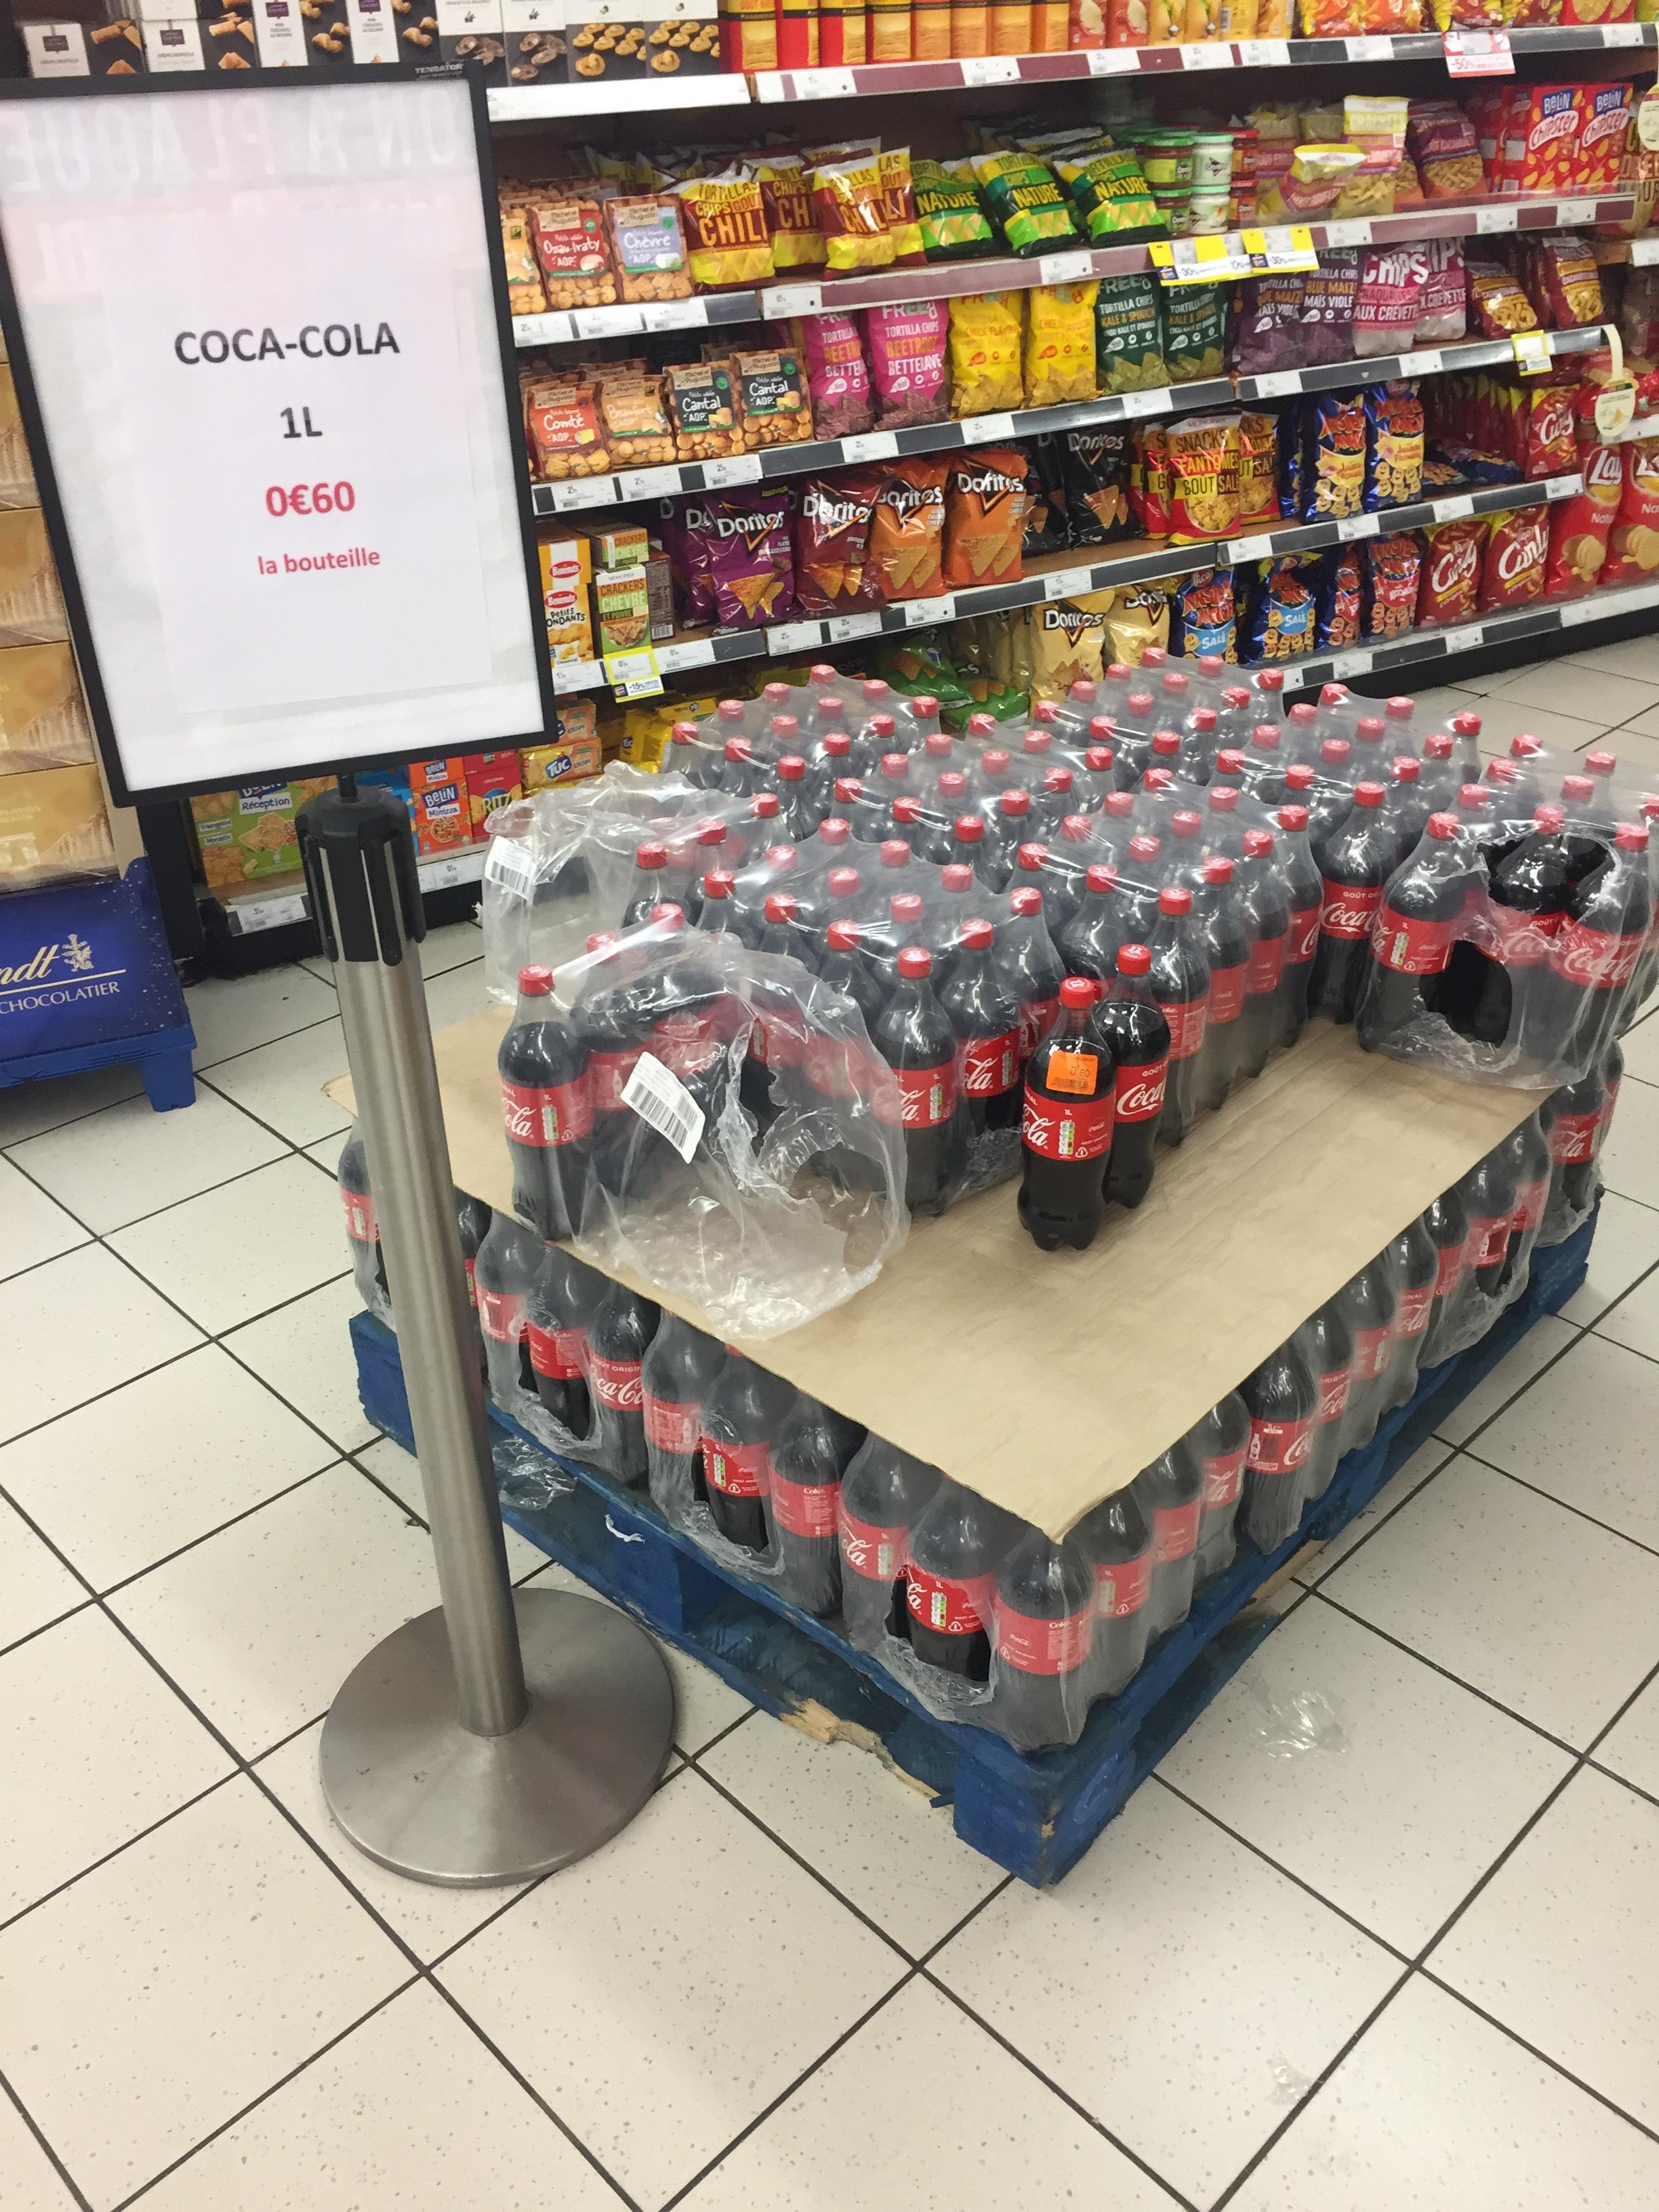 Bouteille de Coca-Cola - 1L - Aubervilliers (93)